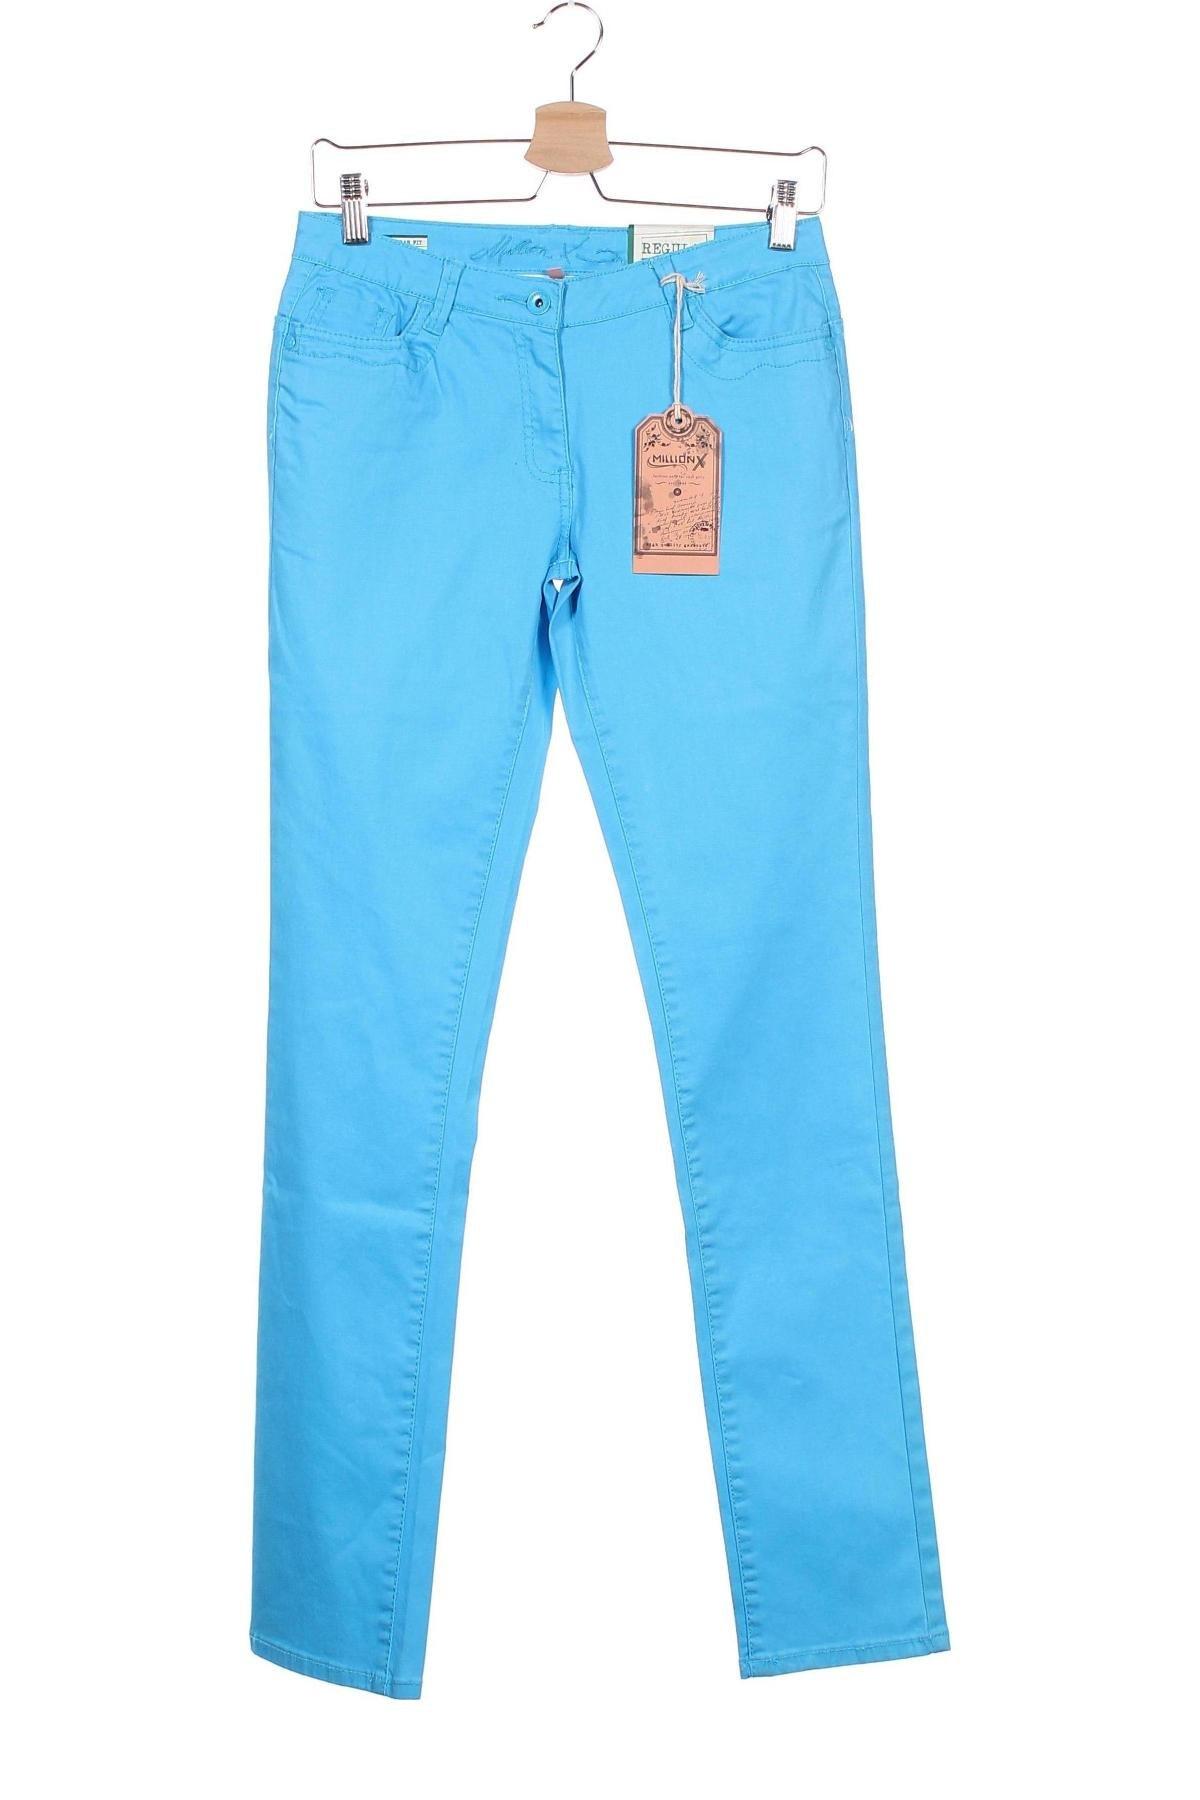 Παιδικό παντελόνι Million X, Μέγεθος 15-18y/ 170-176 εκ., Χρώμα Μπλέ, 97% βαμβάκι, 3% ελαστάνη, Τιμή 10,04€